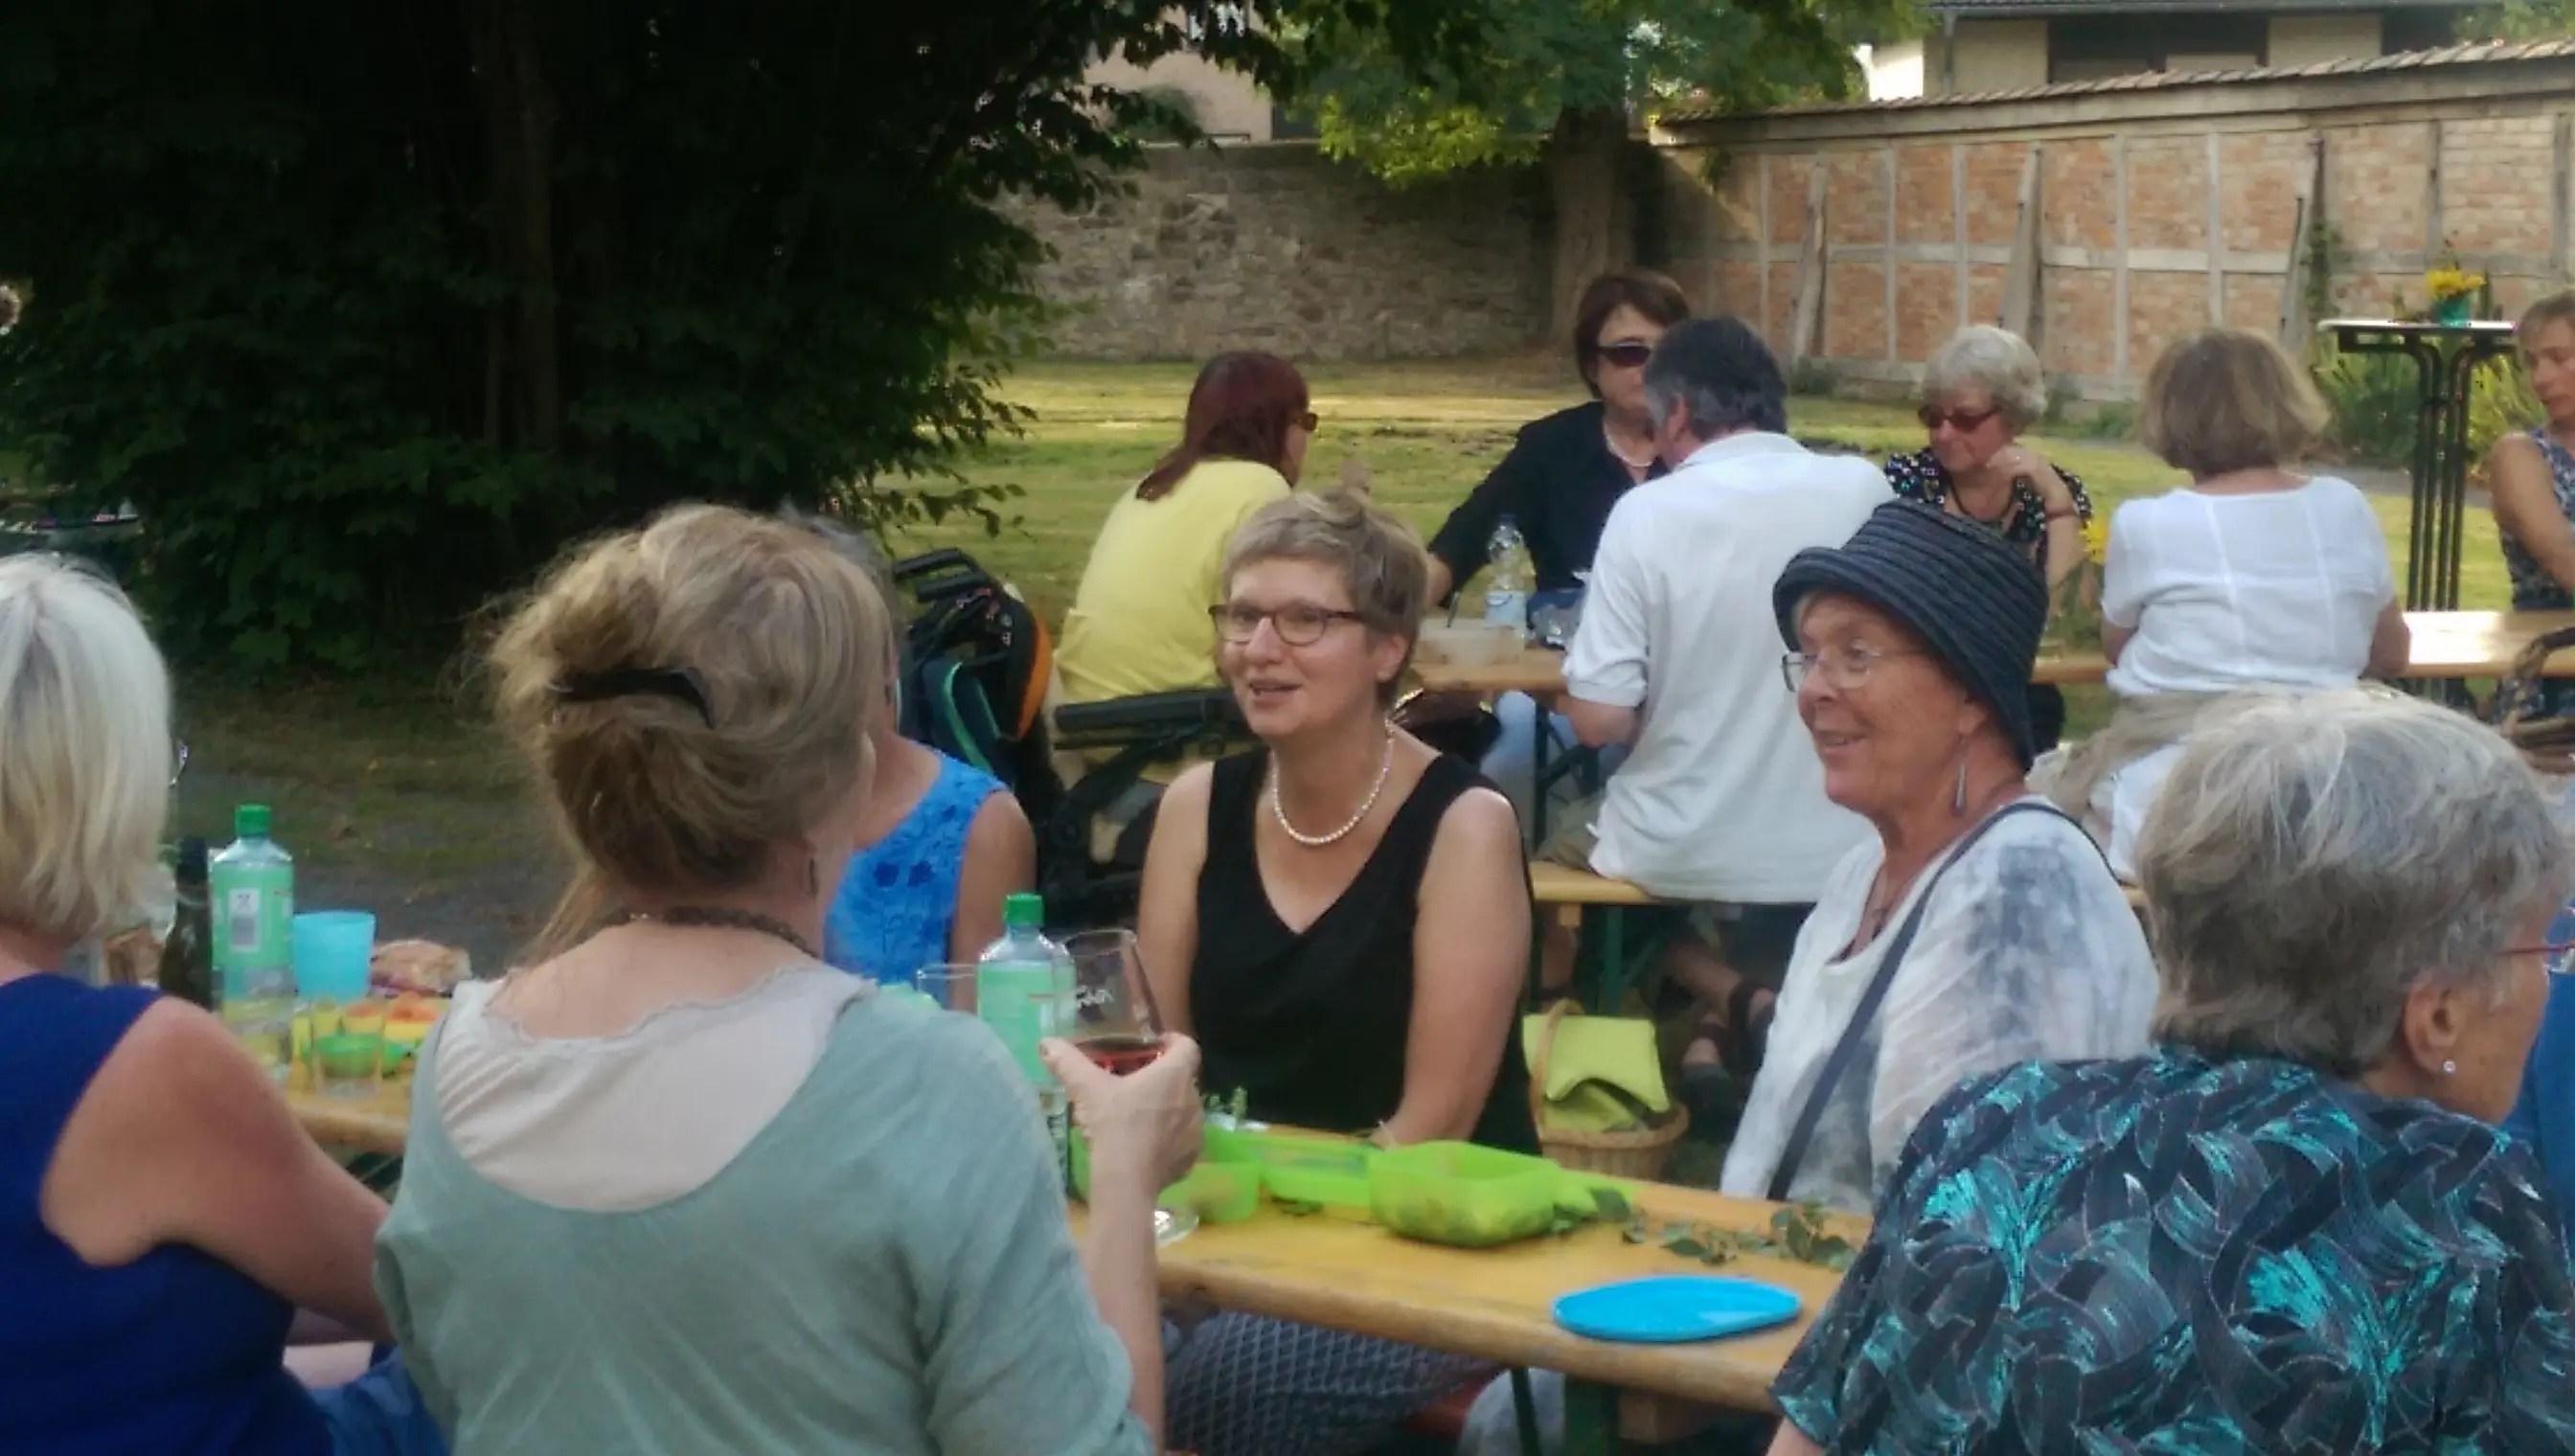 Picknickgäste, Foto: privat